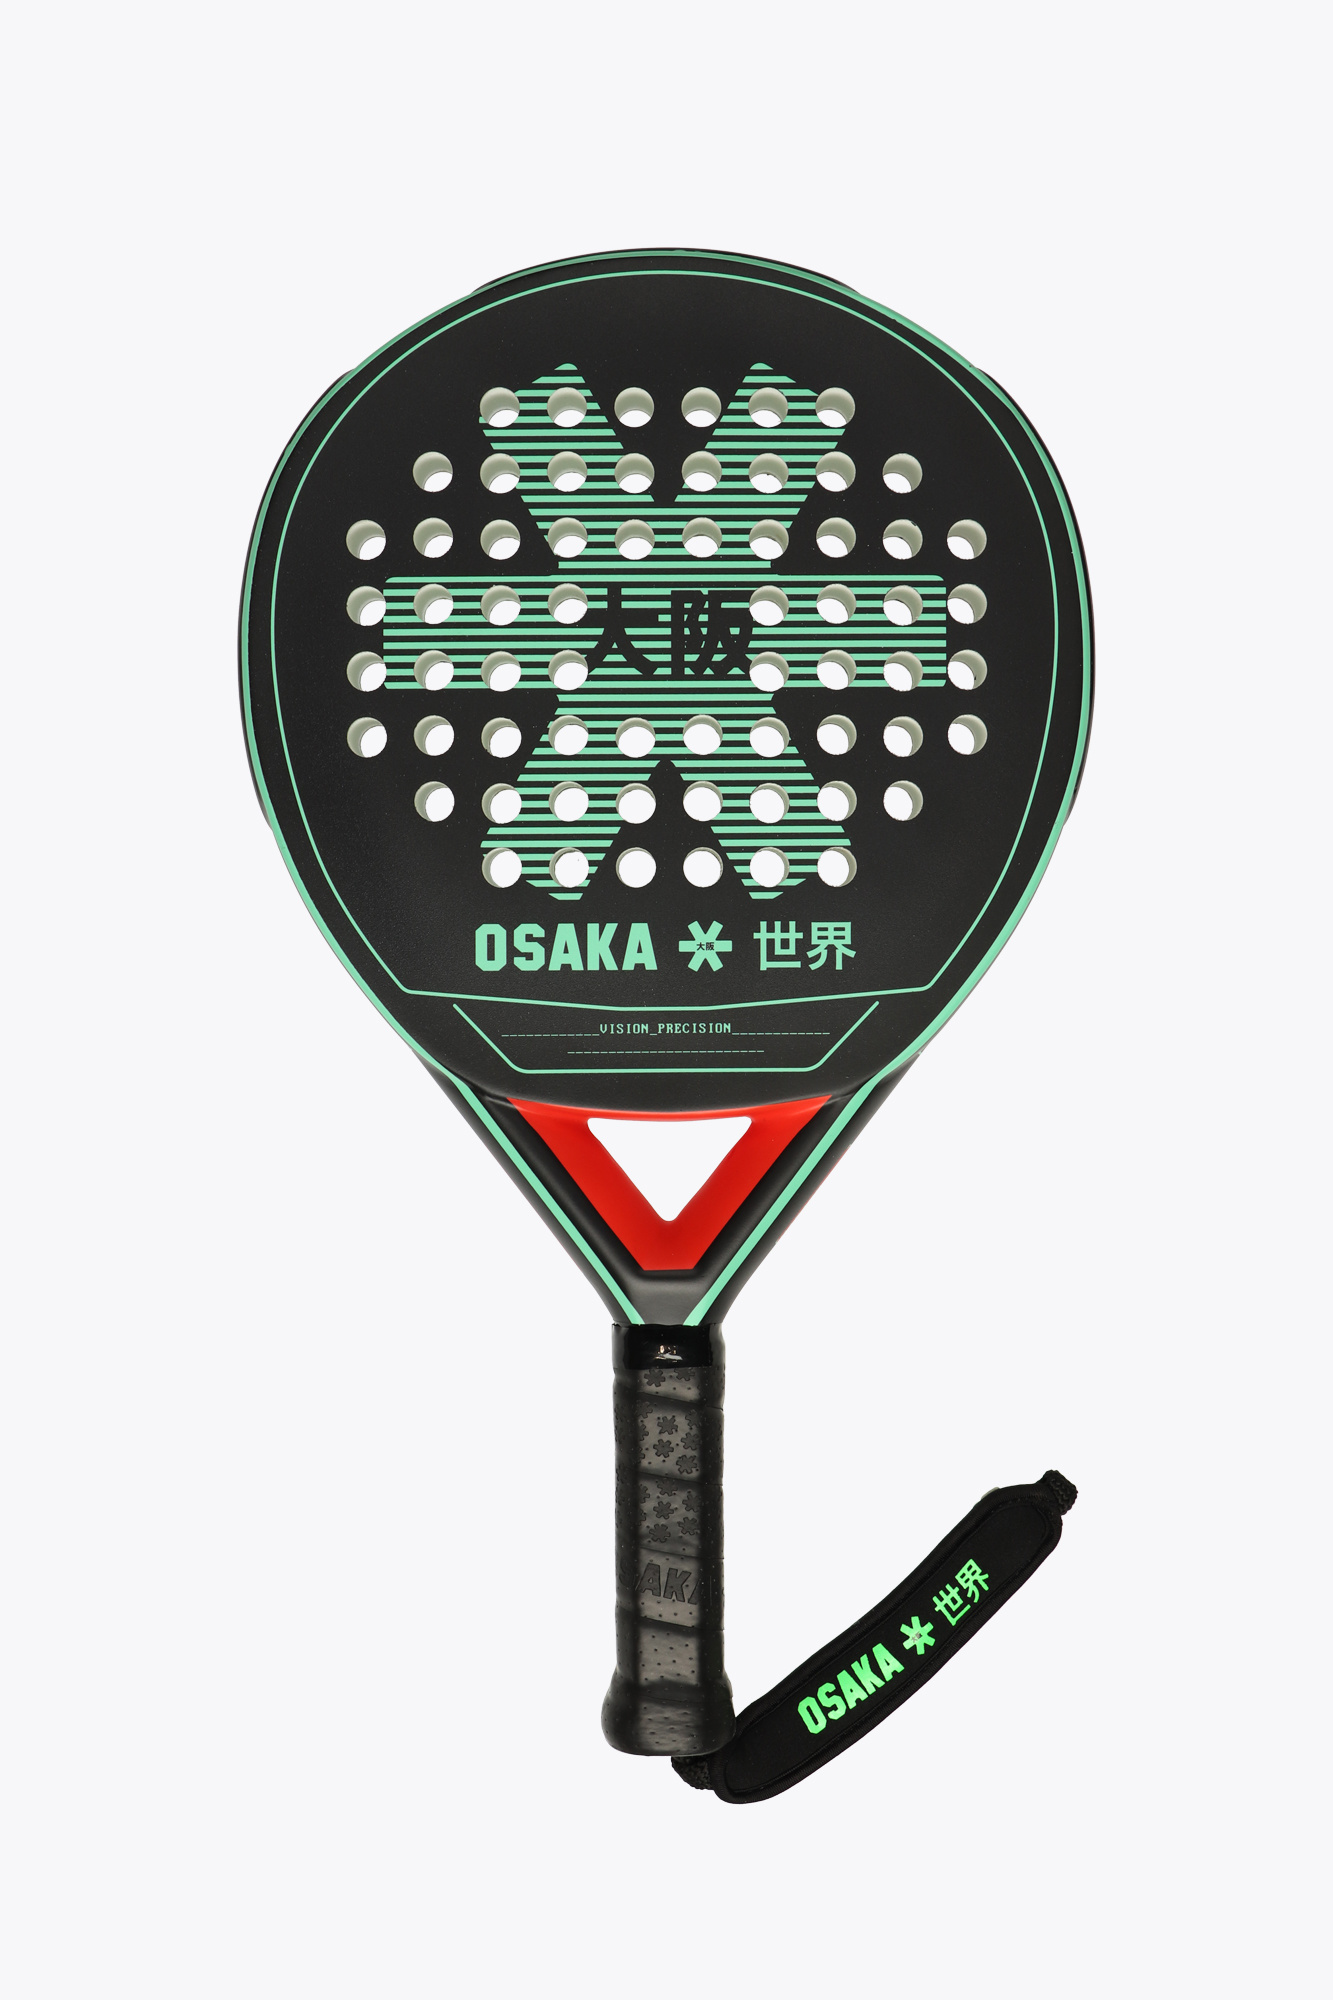 Osaka Vision Precision - Jade-1